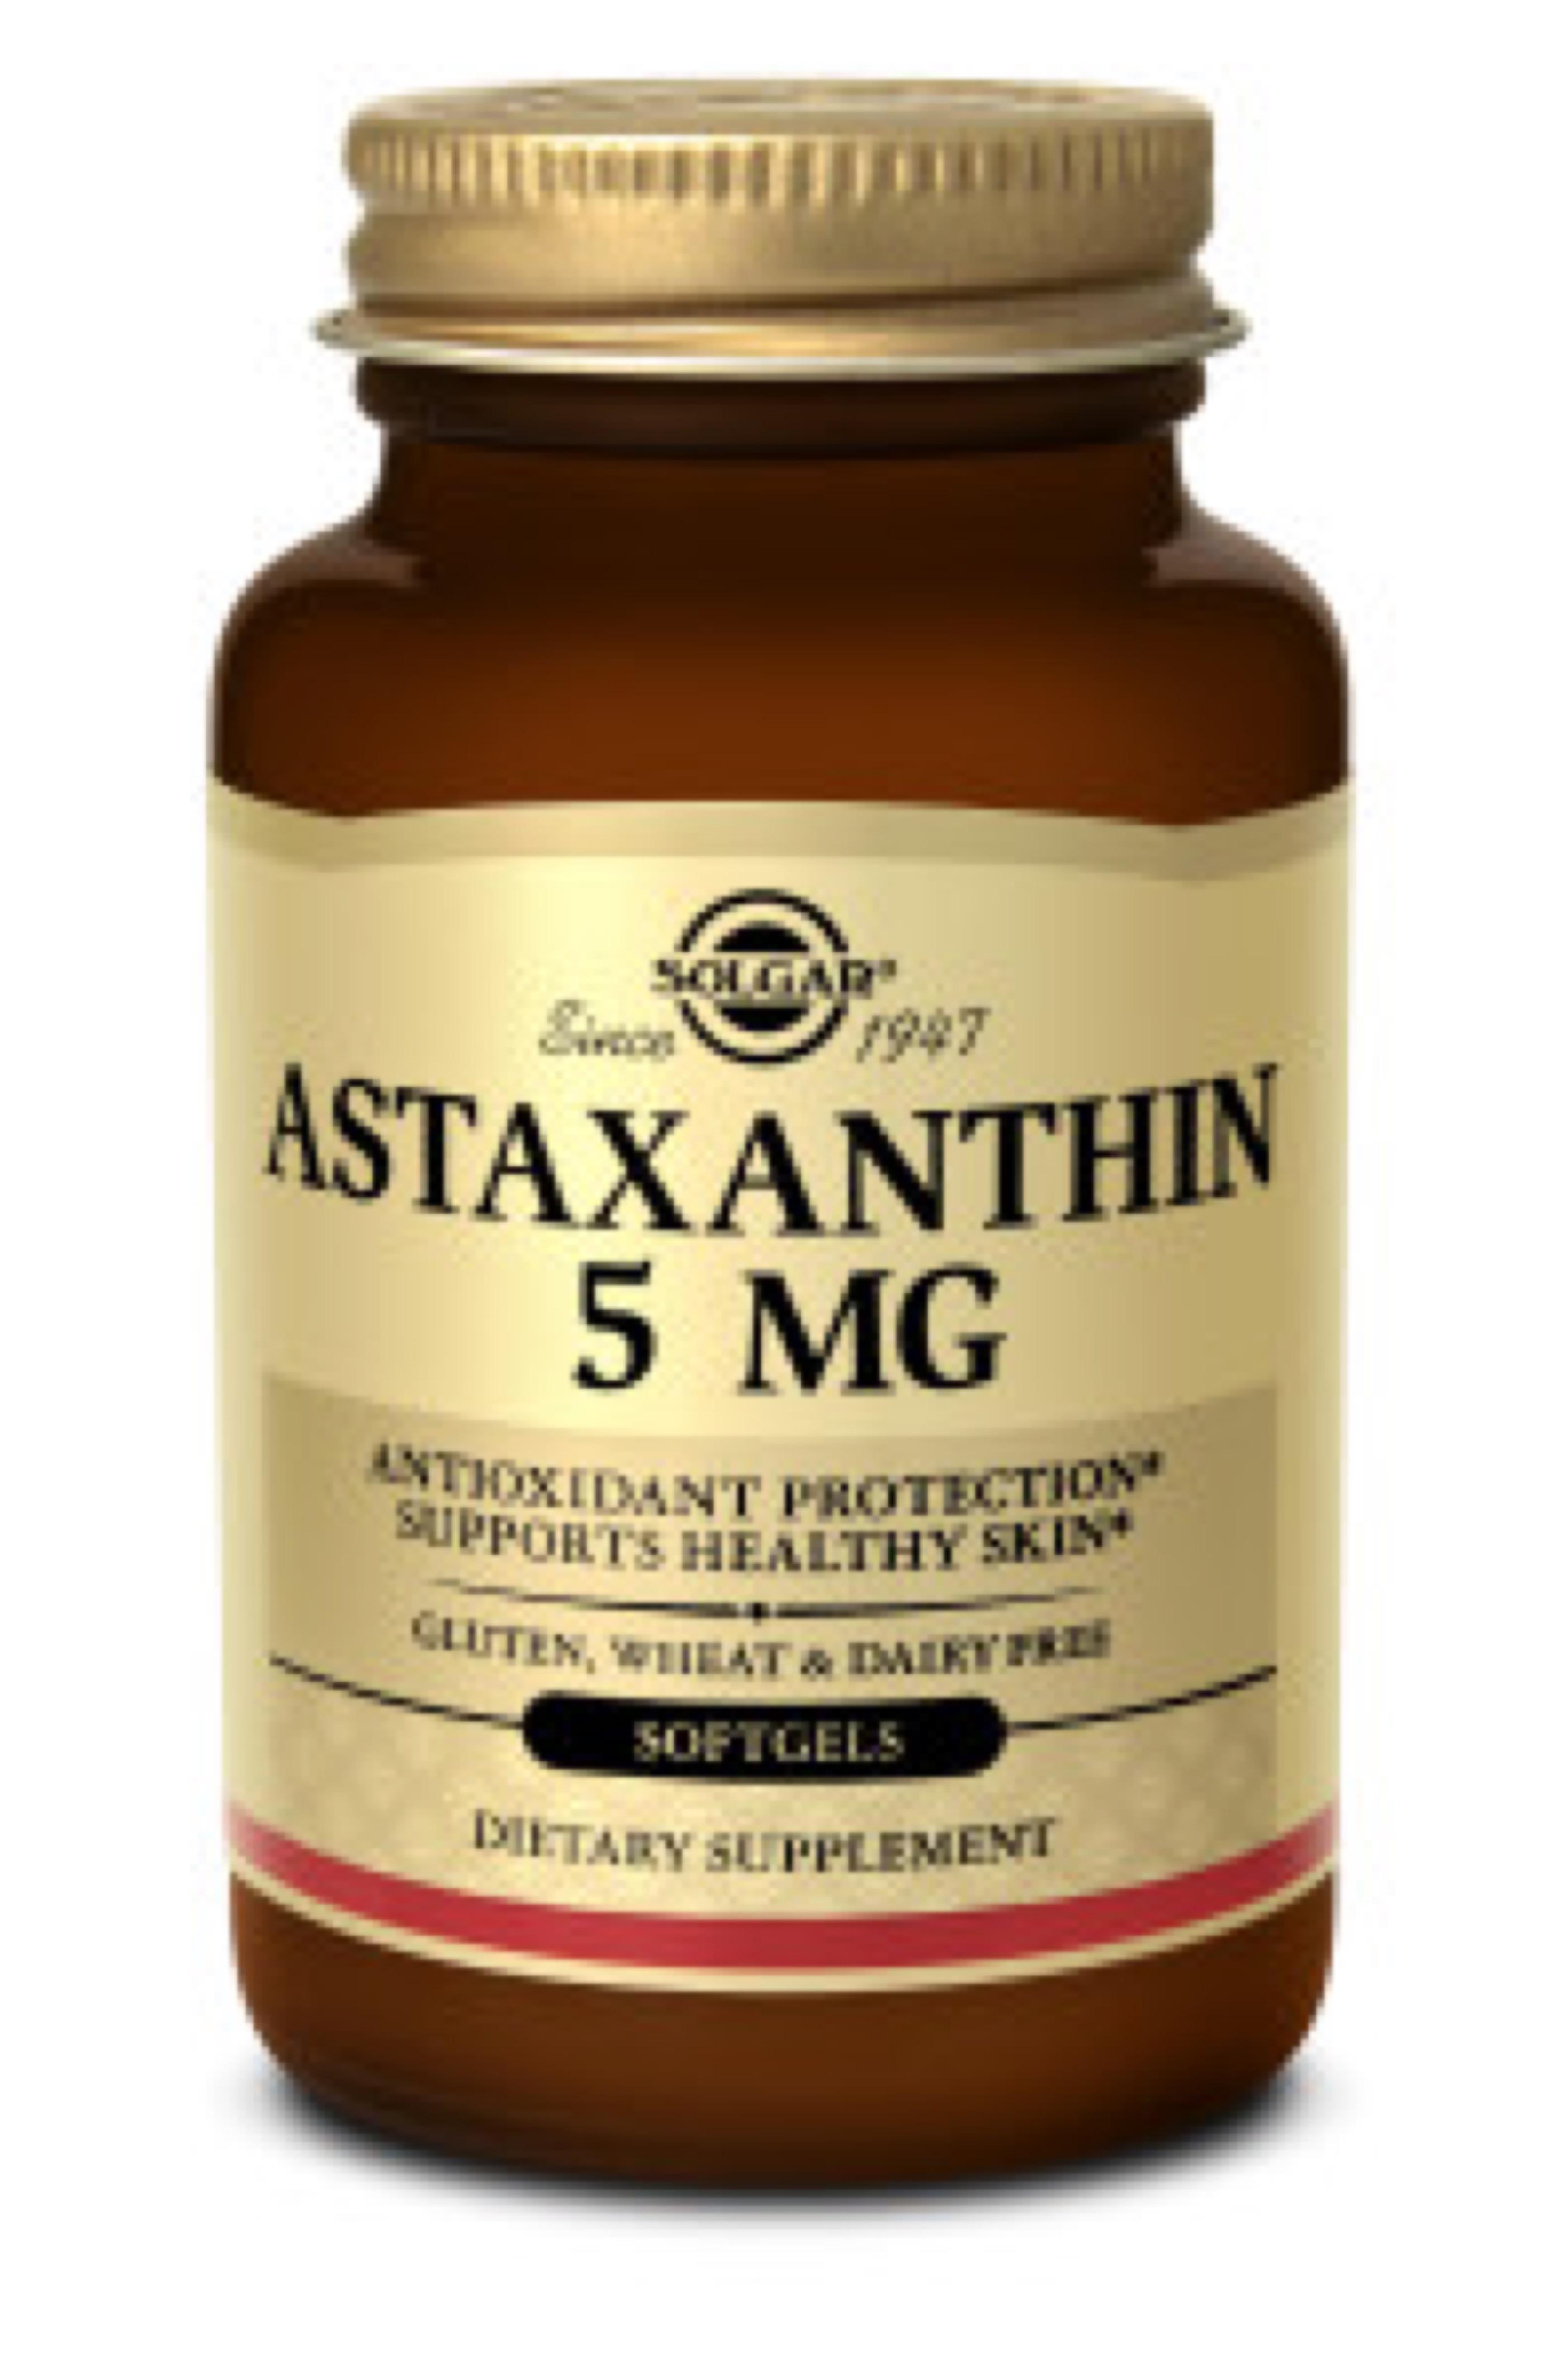 blog image - astaxathanin